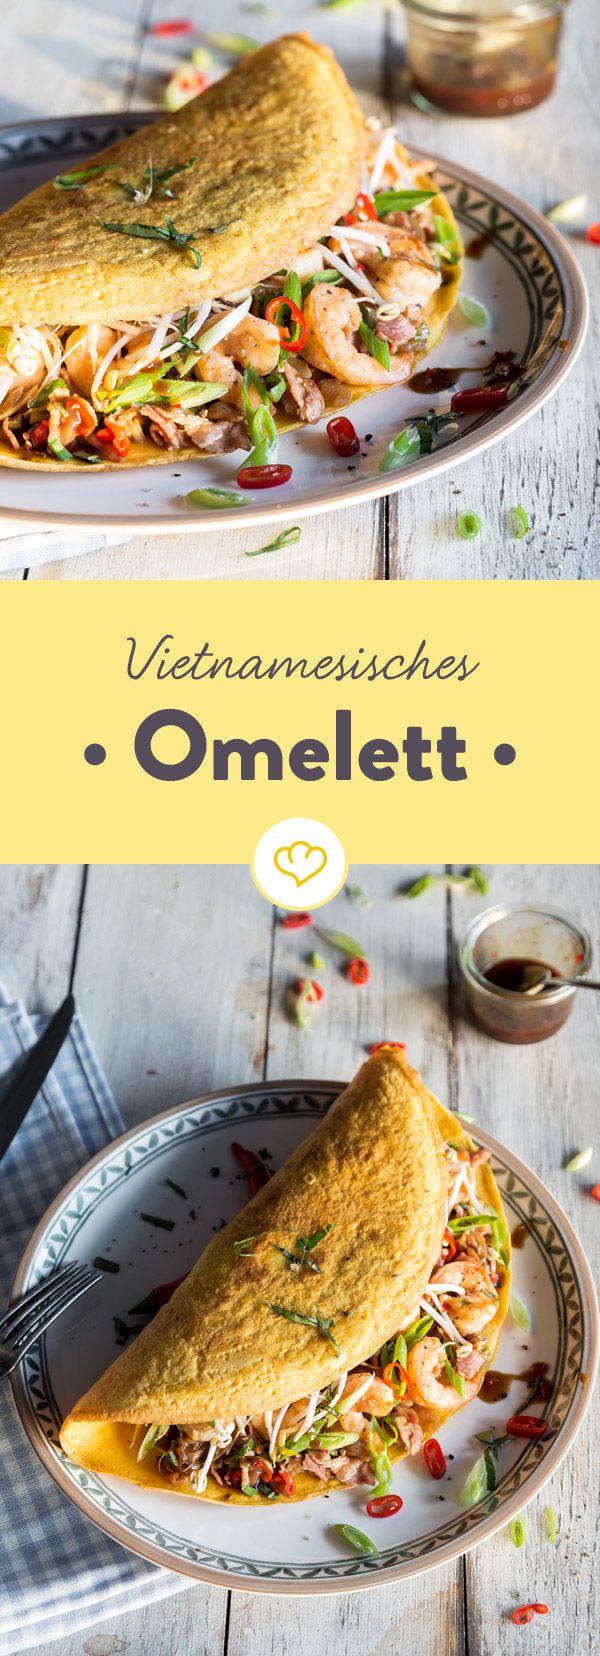 Was deinem Omelett den Asia-Flair verleiht? Kurkuma und Kokosmilch in der Eier-Masse und Hoisin-Sauce, Garnelen und Sprossen in der Füllung.